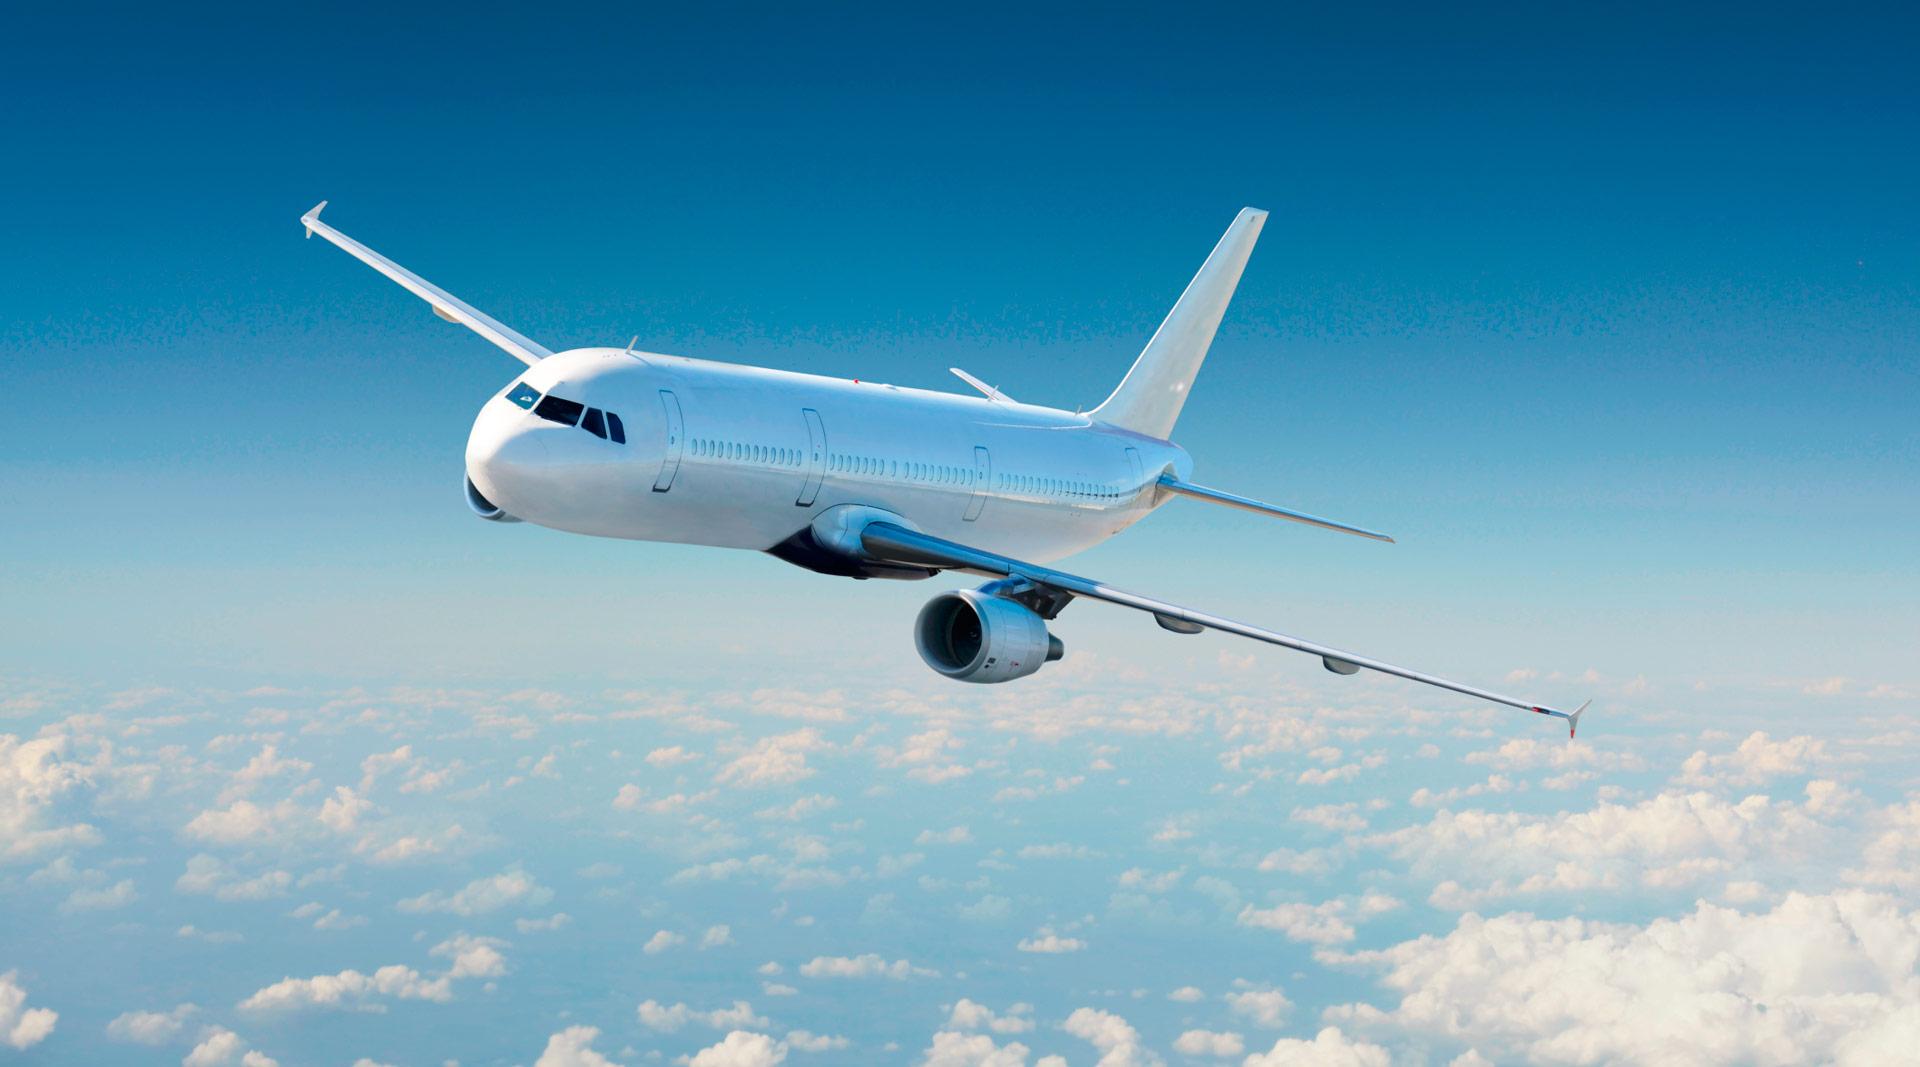 Uçaklar Hakkında Az Bilinen 10 Gerçek! - 1